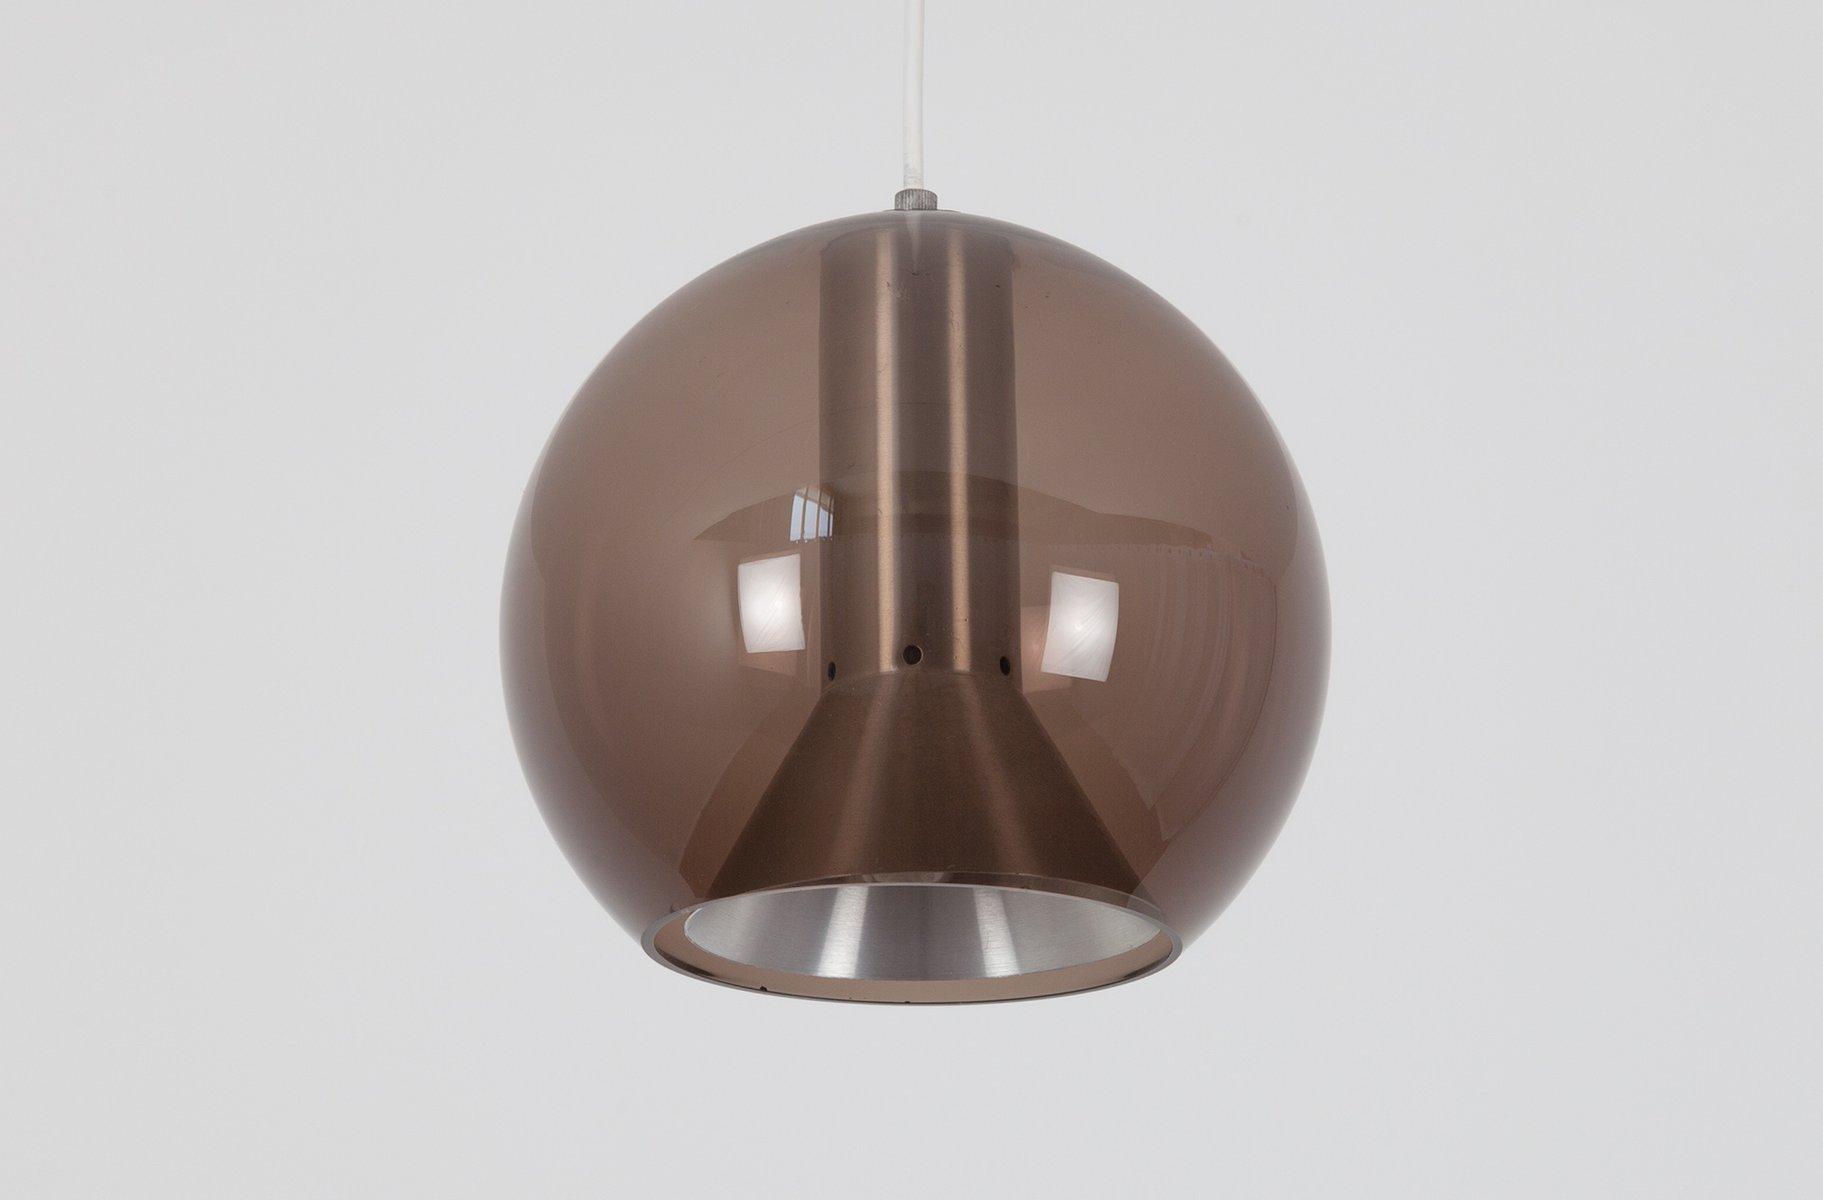 Vintage Rauchglas Kugel Lampe von Frank Ligtelijn für Raak